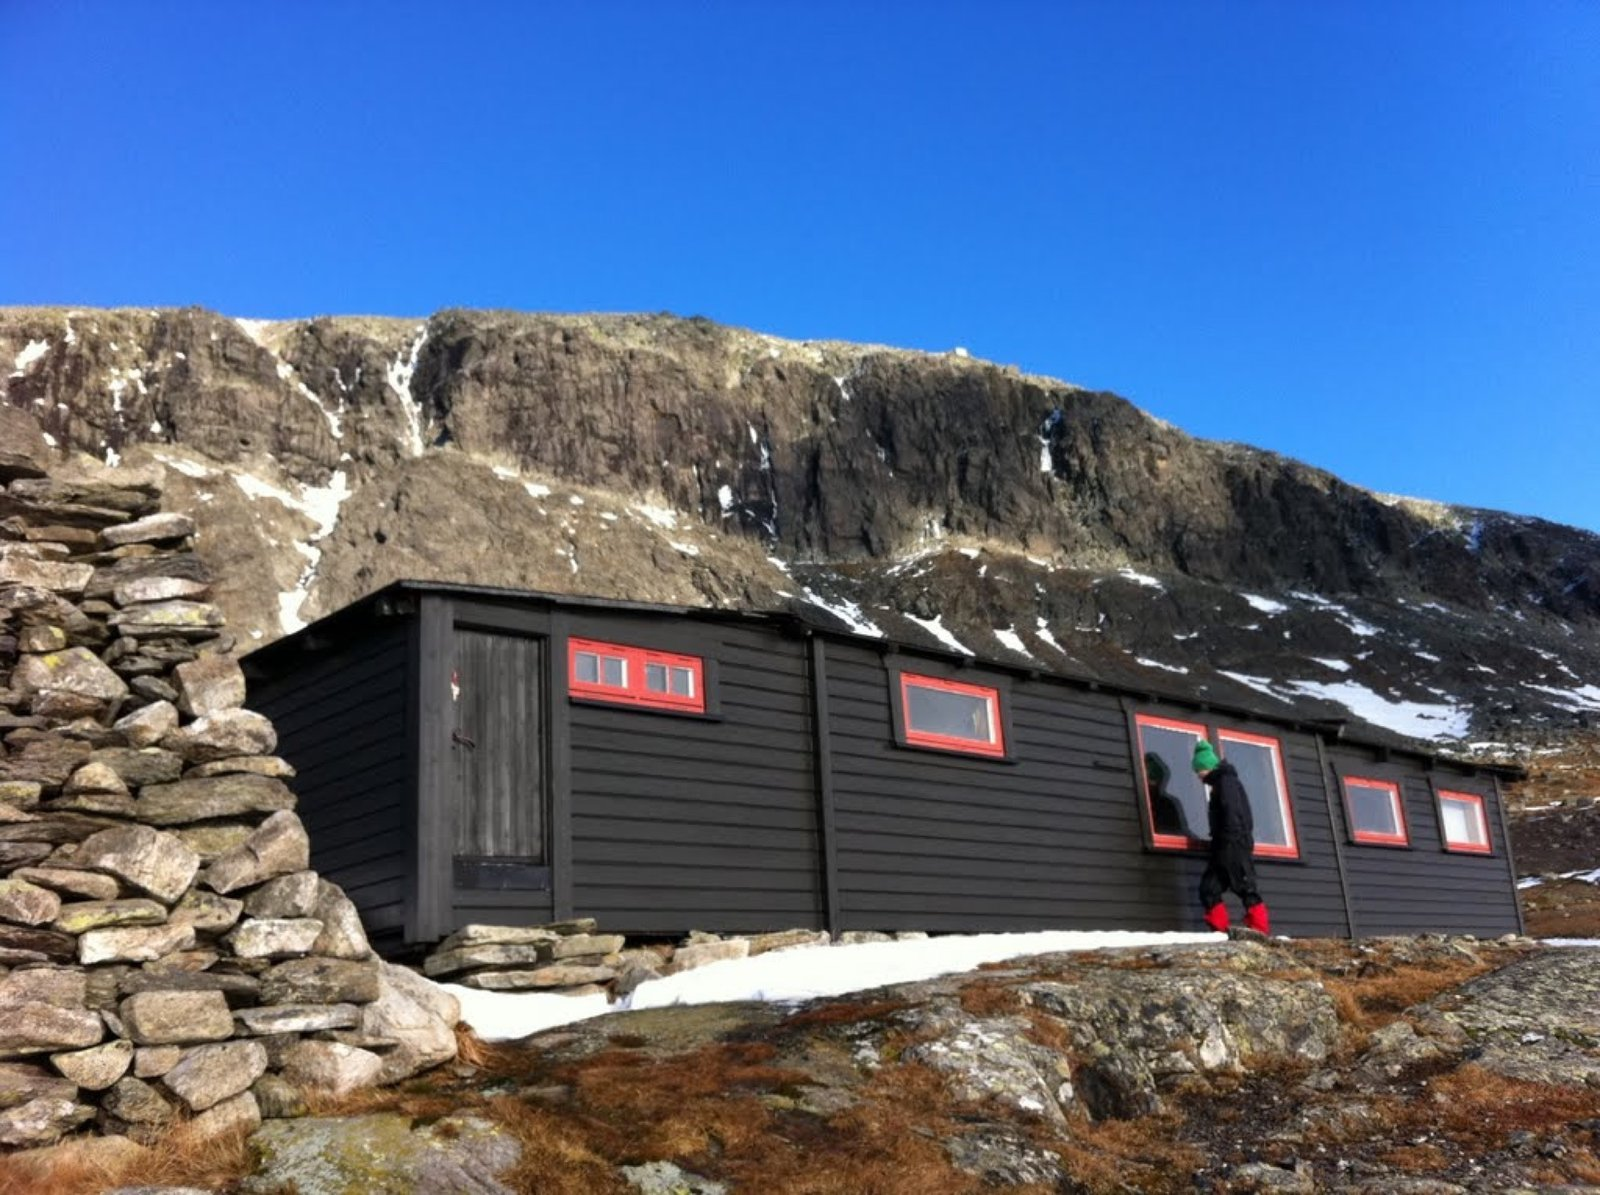 Tvergastein Hut  Photo 4 of 12 in Slow Architecture